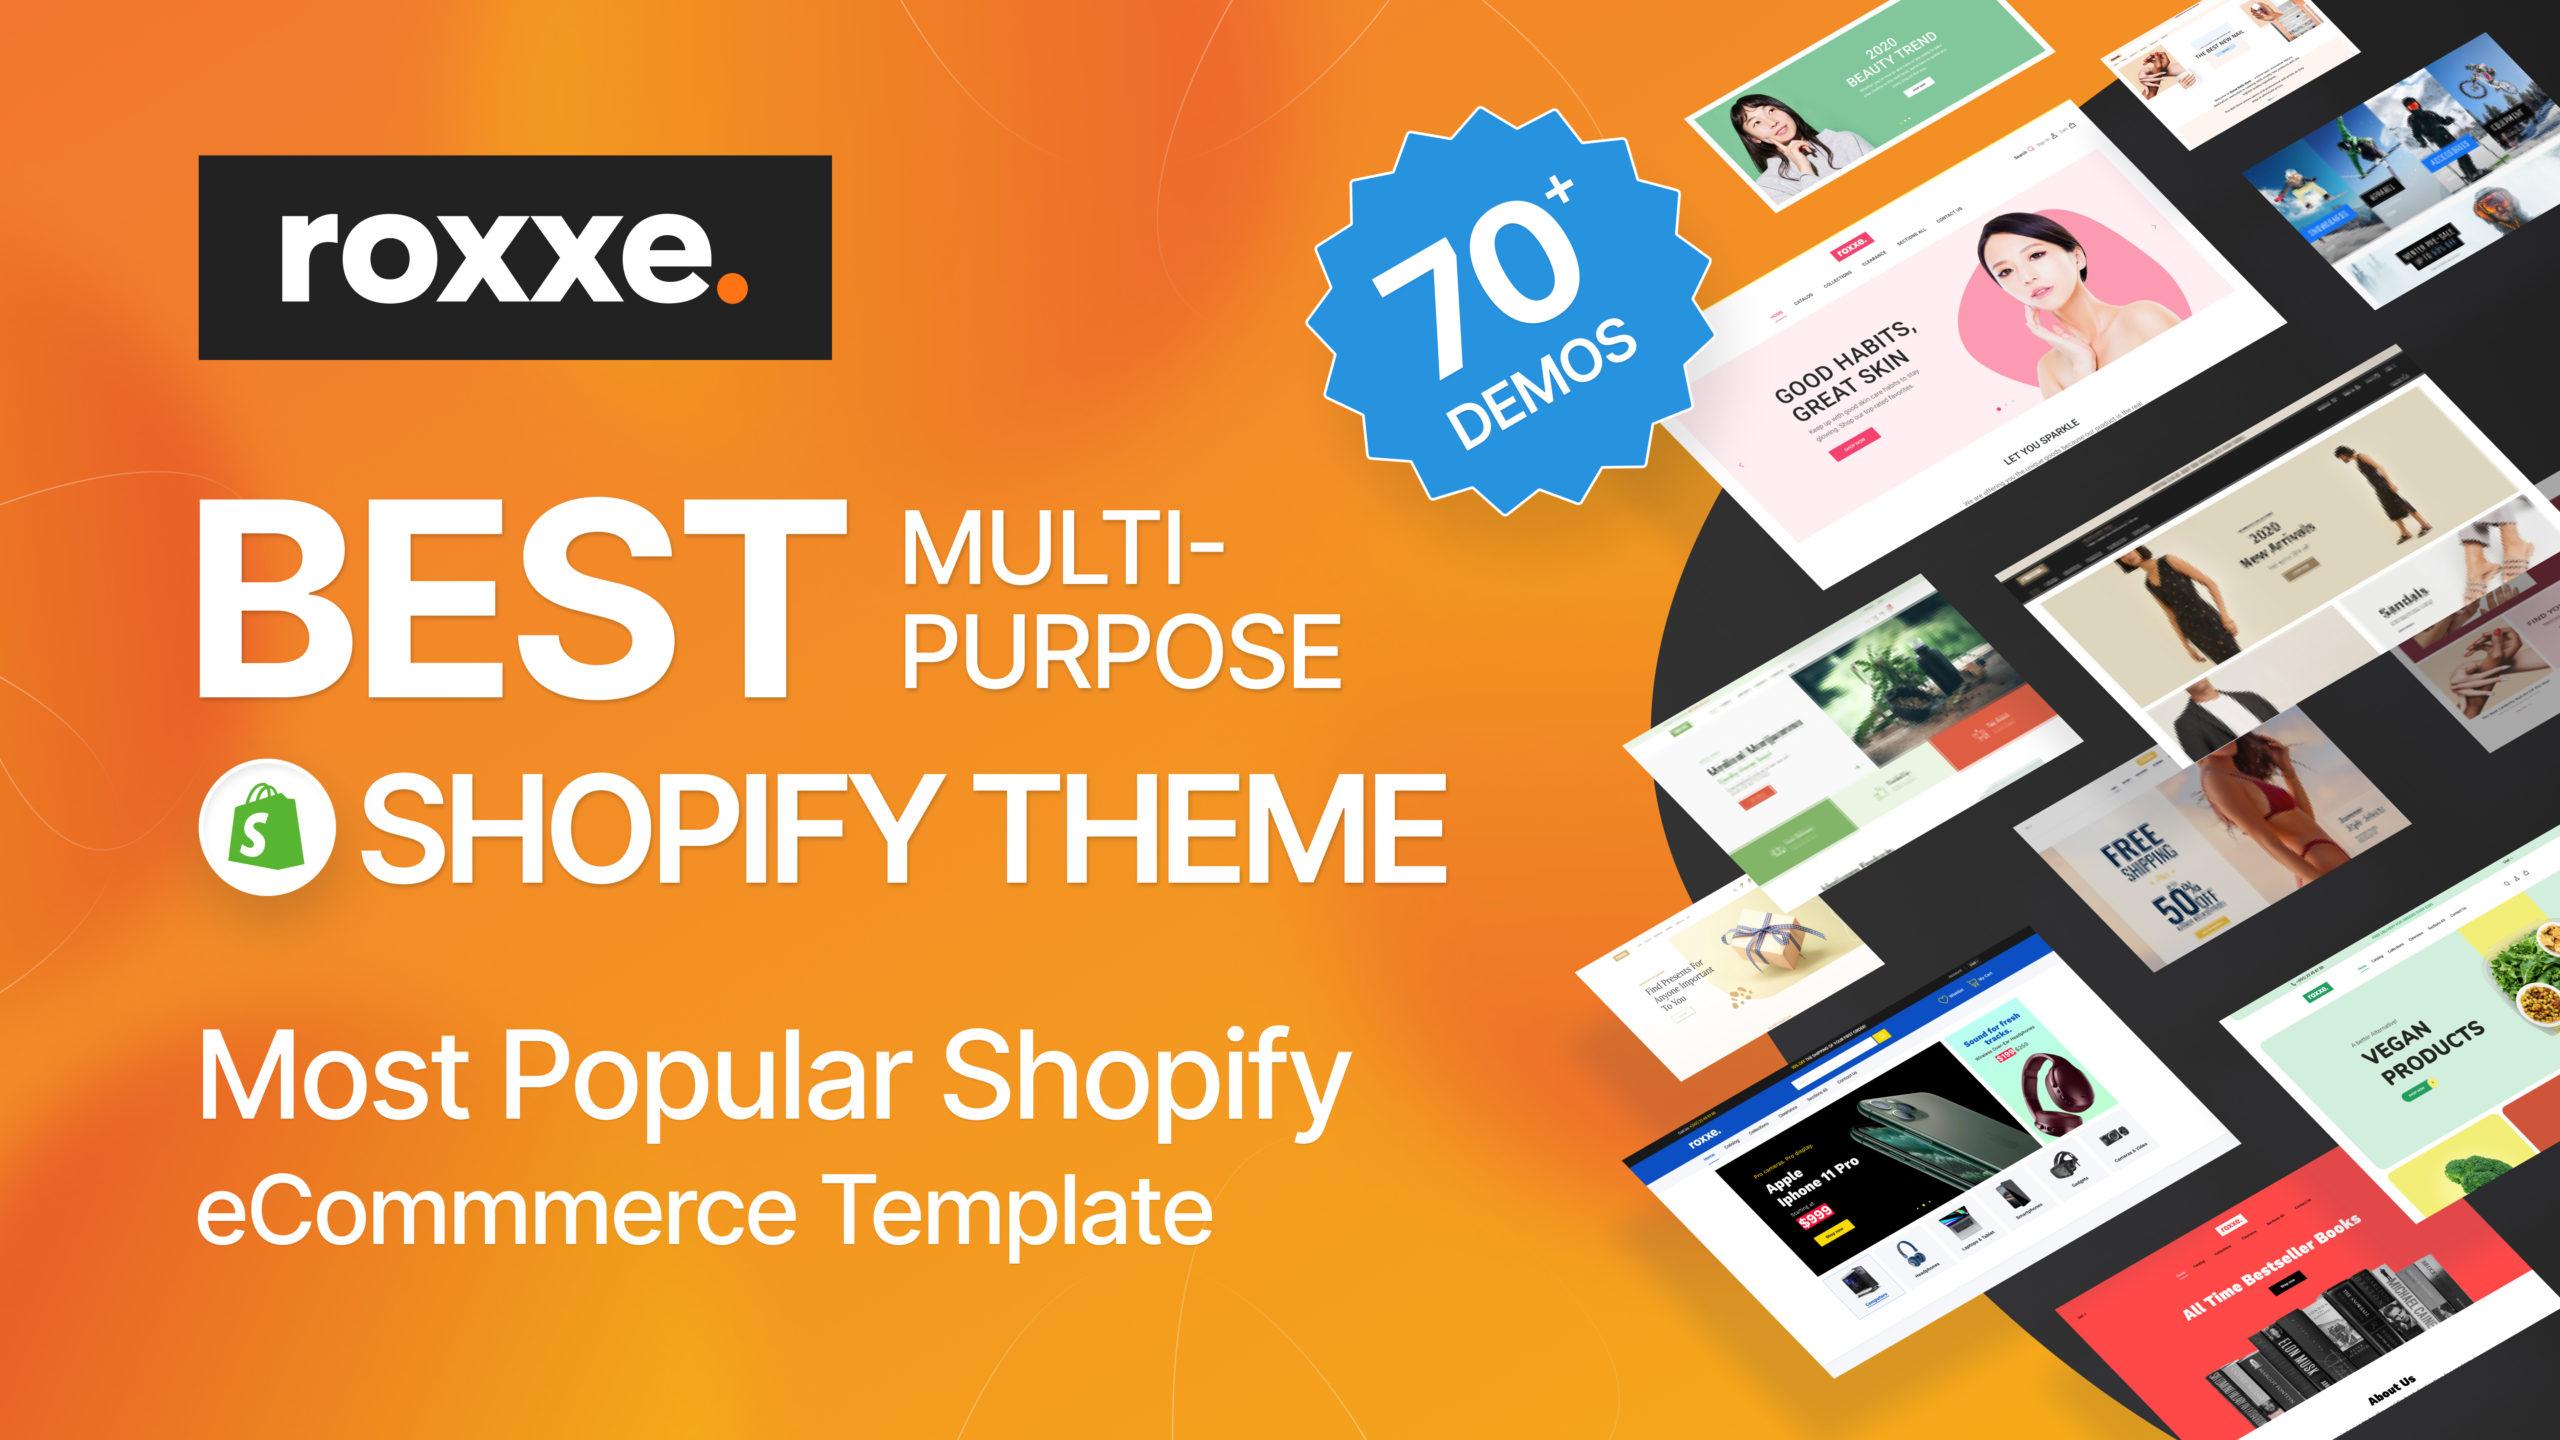 Roxxe Shopify theme